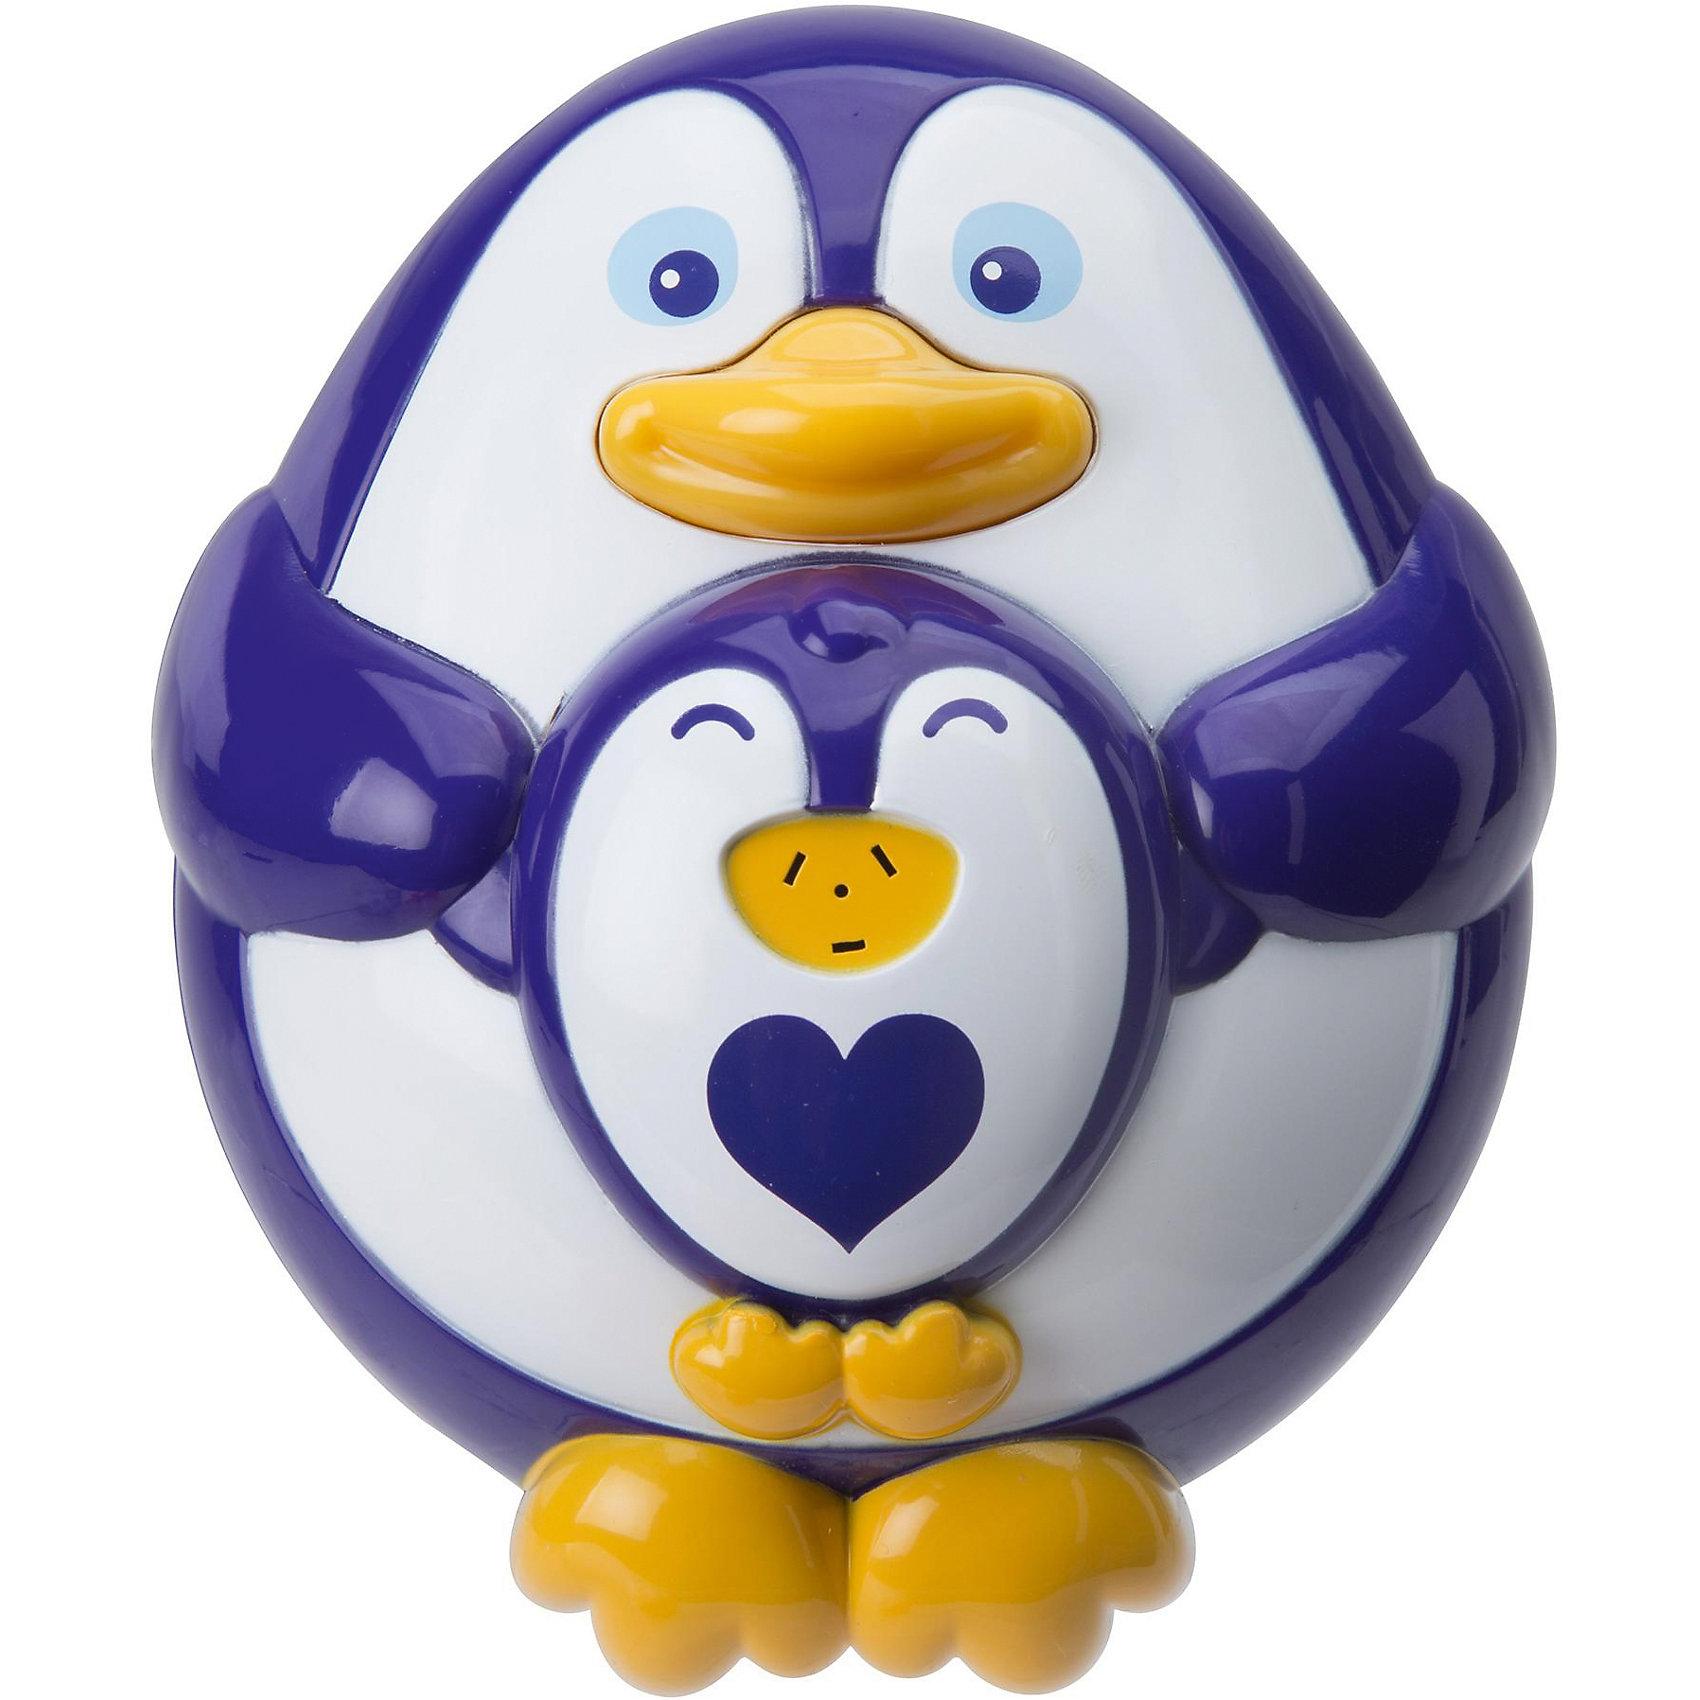 Игрушка для ванны Пингвиненок, ALEXИгрушки для ванной<br>Игрушка для ванны Пингвиненок, ALEX (Алекс)<br><br>Характеристики:<br><br>• крутится, жужжит и брызгает водой<br>• материал: ПВХ, металл<br>• размер игрушки: 12 см<br>• батарейки: АА - 2 шт. (не входят в комплект)<br>• размер упаковки: 15х7х8 см<br><br>Пингвиненок станет лучшим другом малыша во время купания. Для этого нужно наполнить игрушку водой и нажать на носик мамы. При нажатии на кнопку пингвин начинает забавно крутиться, жужжать и брызгать водой из своего маленького фонтанчика. Такой очаровательный пингвиненок принесет много радости малышу! Для работы необходимы две батарейки АА (не входят в комплект).<br><br>Игрушку для ванны Пингвиненок, ALEX (Алекс) можно купить в нашем интернет-магазине.<br><br>Ширина мм: 150<br>Глубина мм: 70<br>Высота мм: 180<br>Вес г: 560<br>Возраст от месяцев: 36<br>Возраст до месяцев: 2147483647<br>Пол: Унисекс<br>Возраст: Детский<br>SKU: 5503310